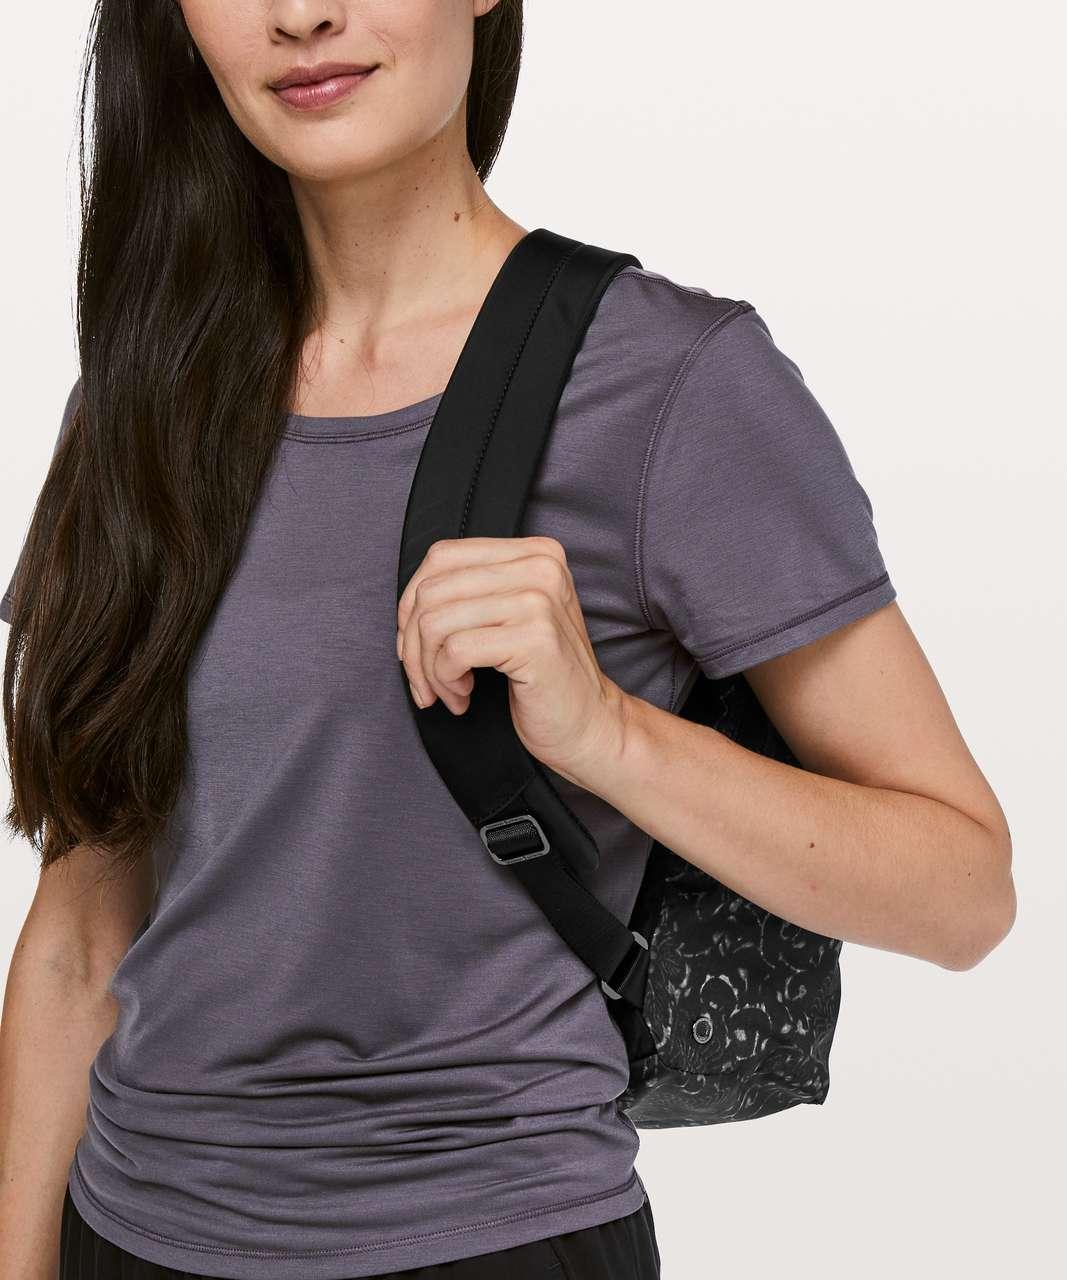 Lululemon City Adventurer Backpack *17L - Motif Grey Black / Black